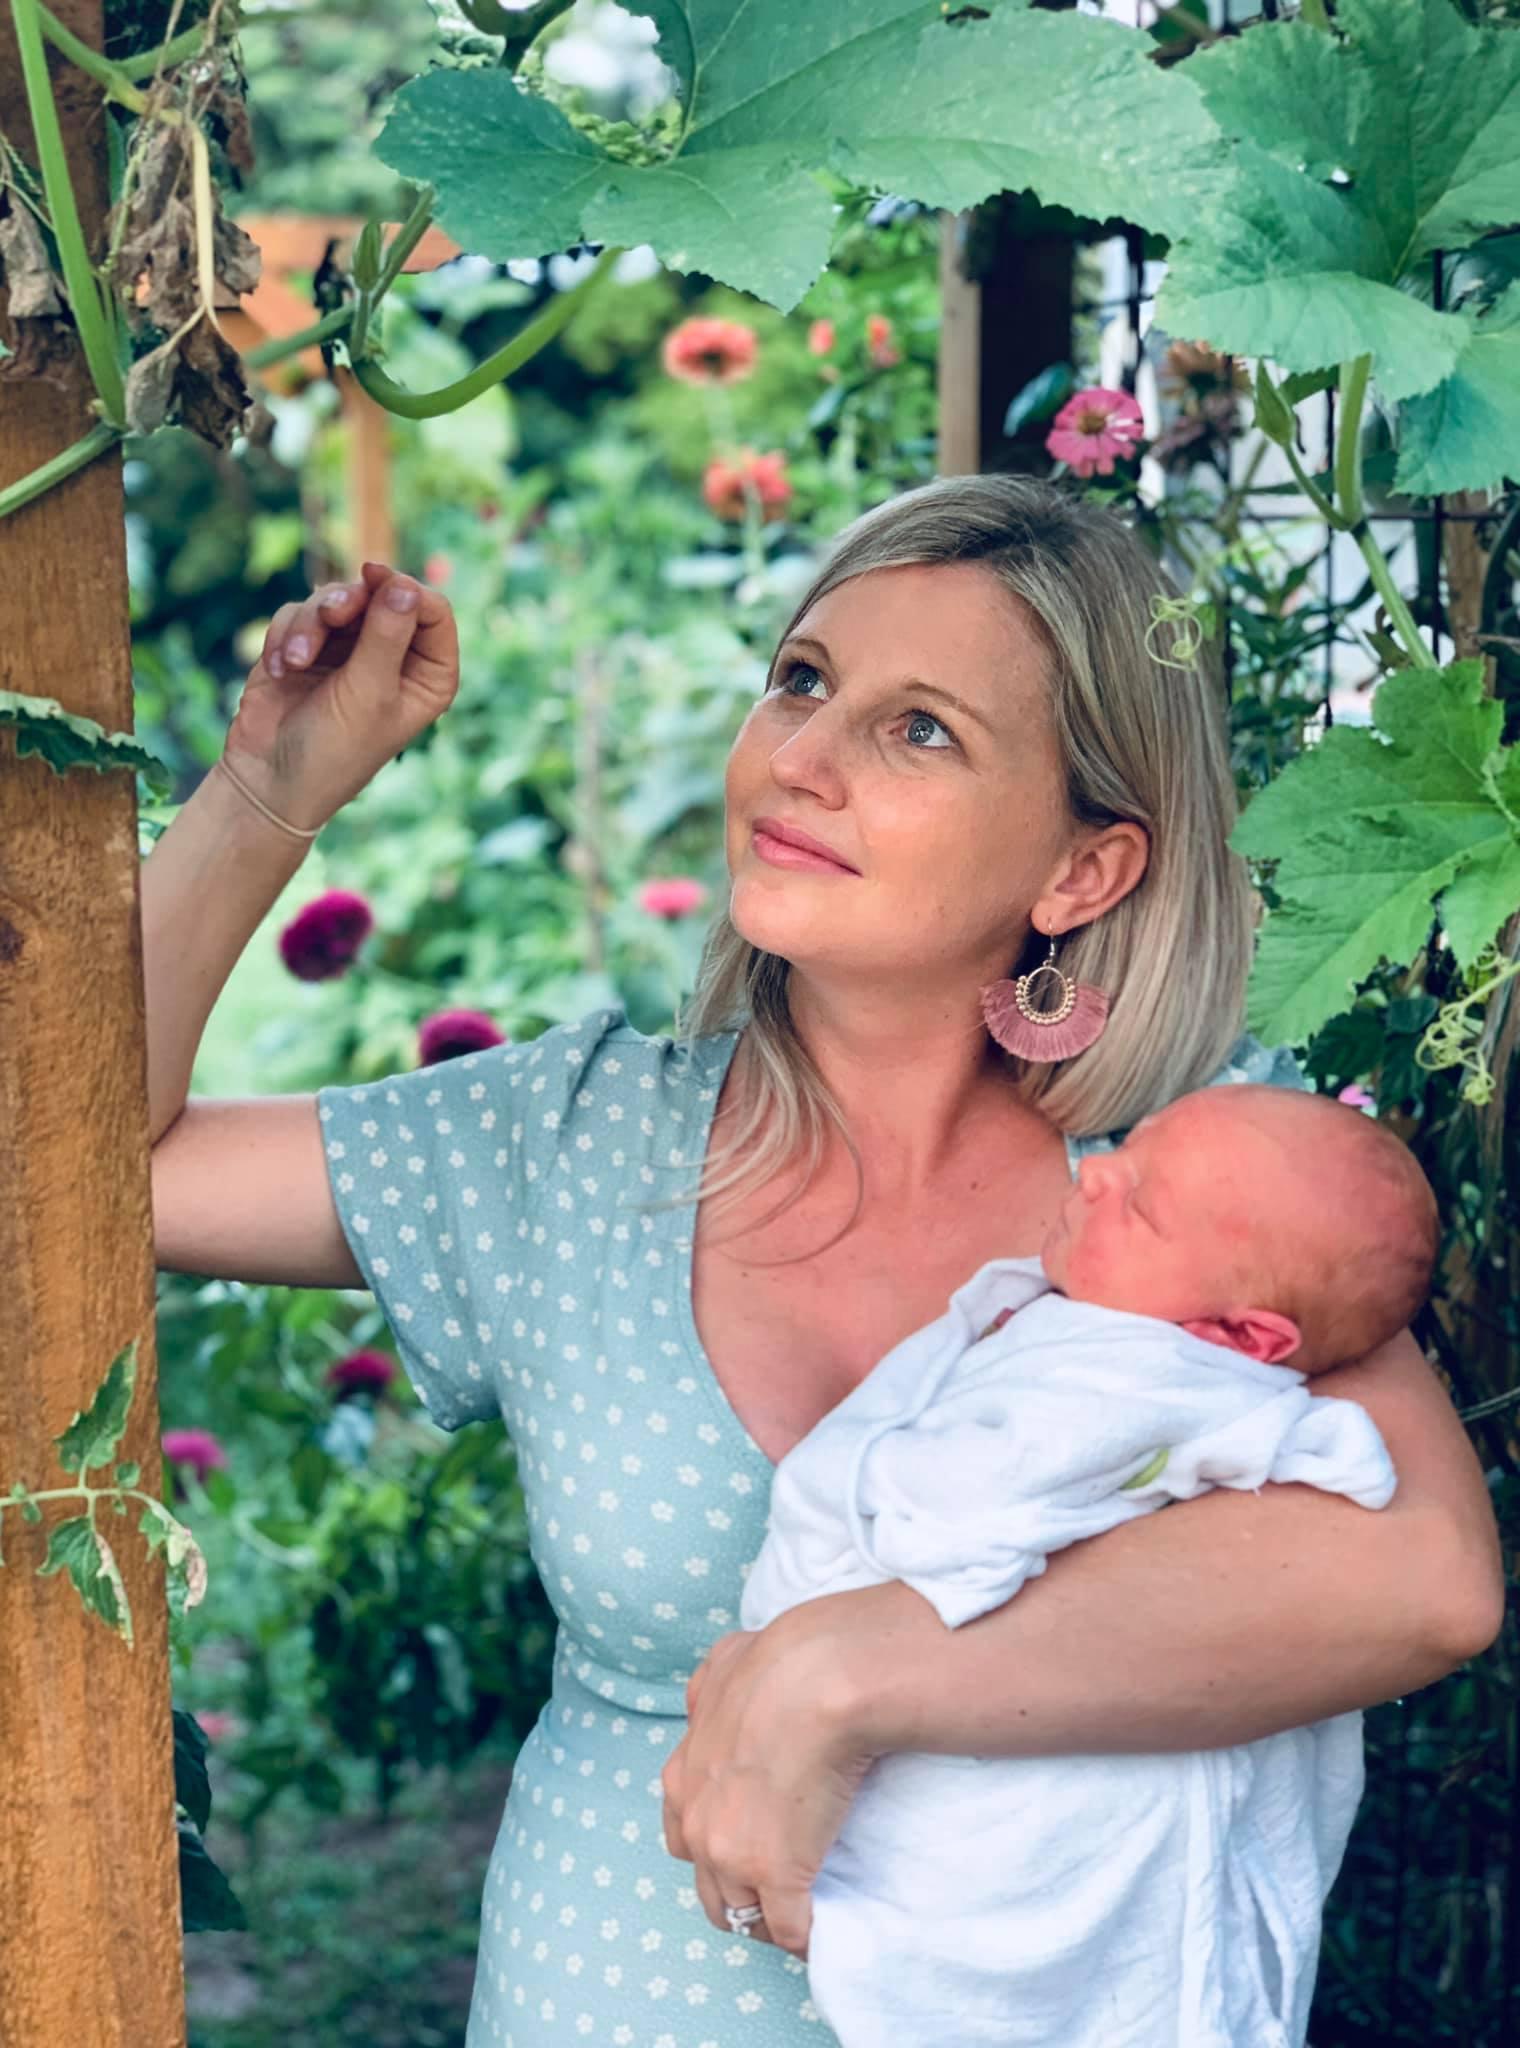 Cuộc sống chỉ có tiếng cười và sự an yên của người mẹ cùng 4 đứa trẻ bên khu vườn ở quê xanh mát quanh năm - Ảnh 2.